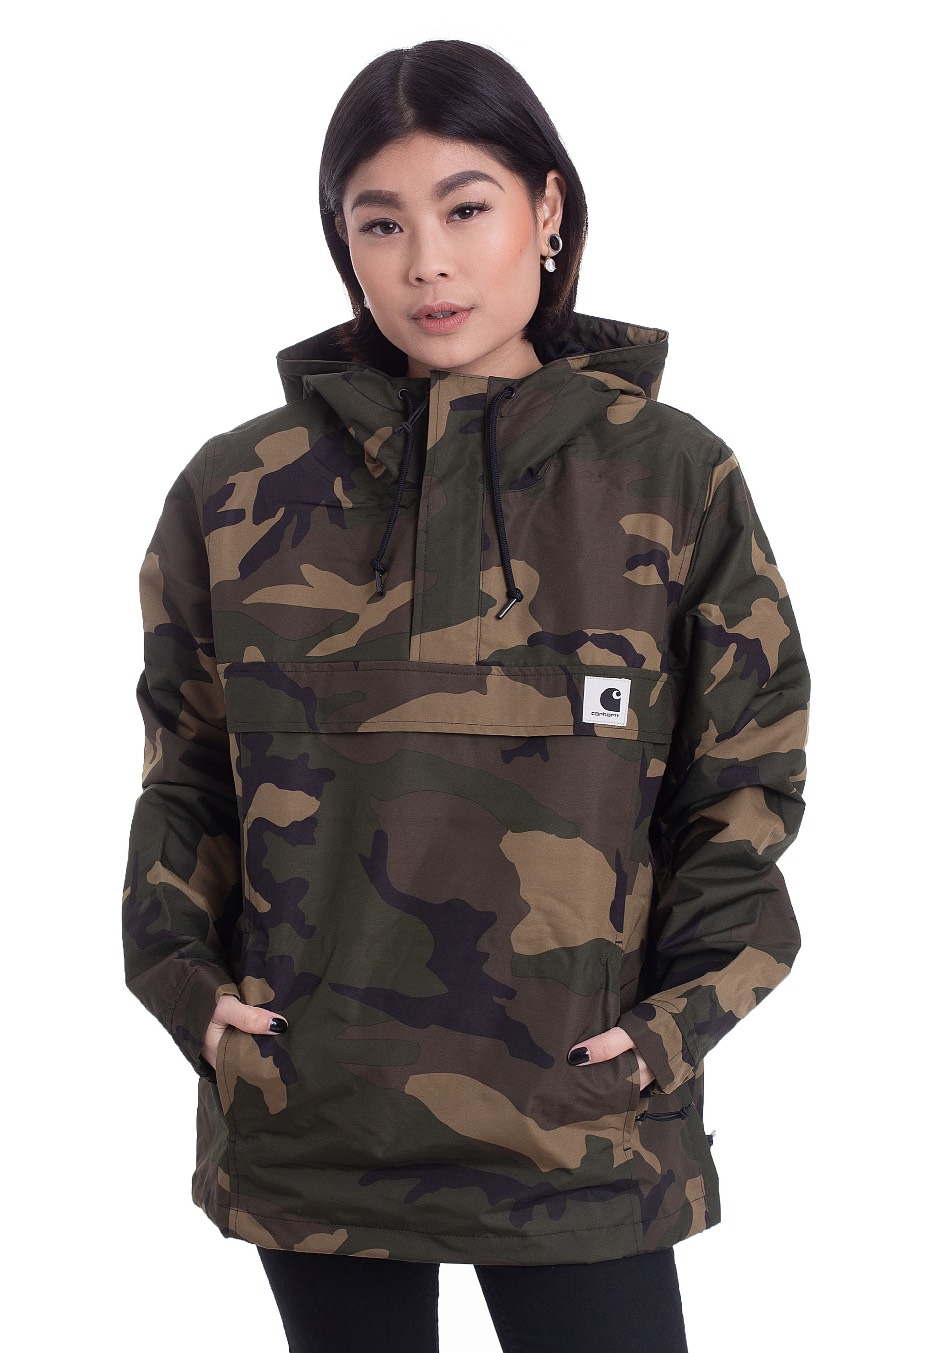 Jacken für Frauen - Carhartt WIP W' Nimbus Camo Laurel Summer Jacken  - Onlineshop IMPERICON